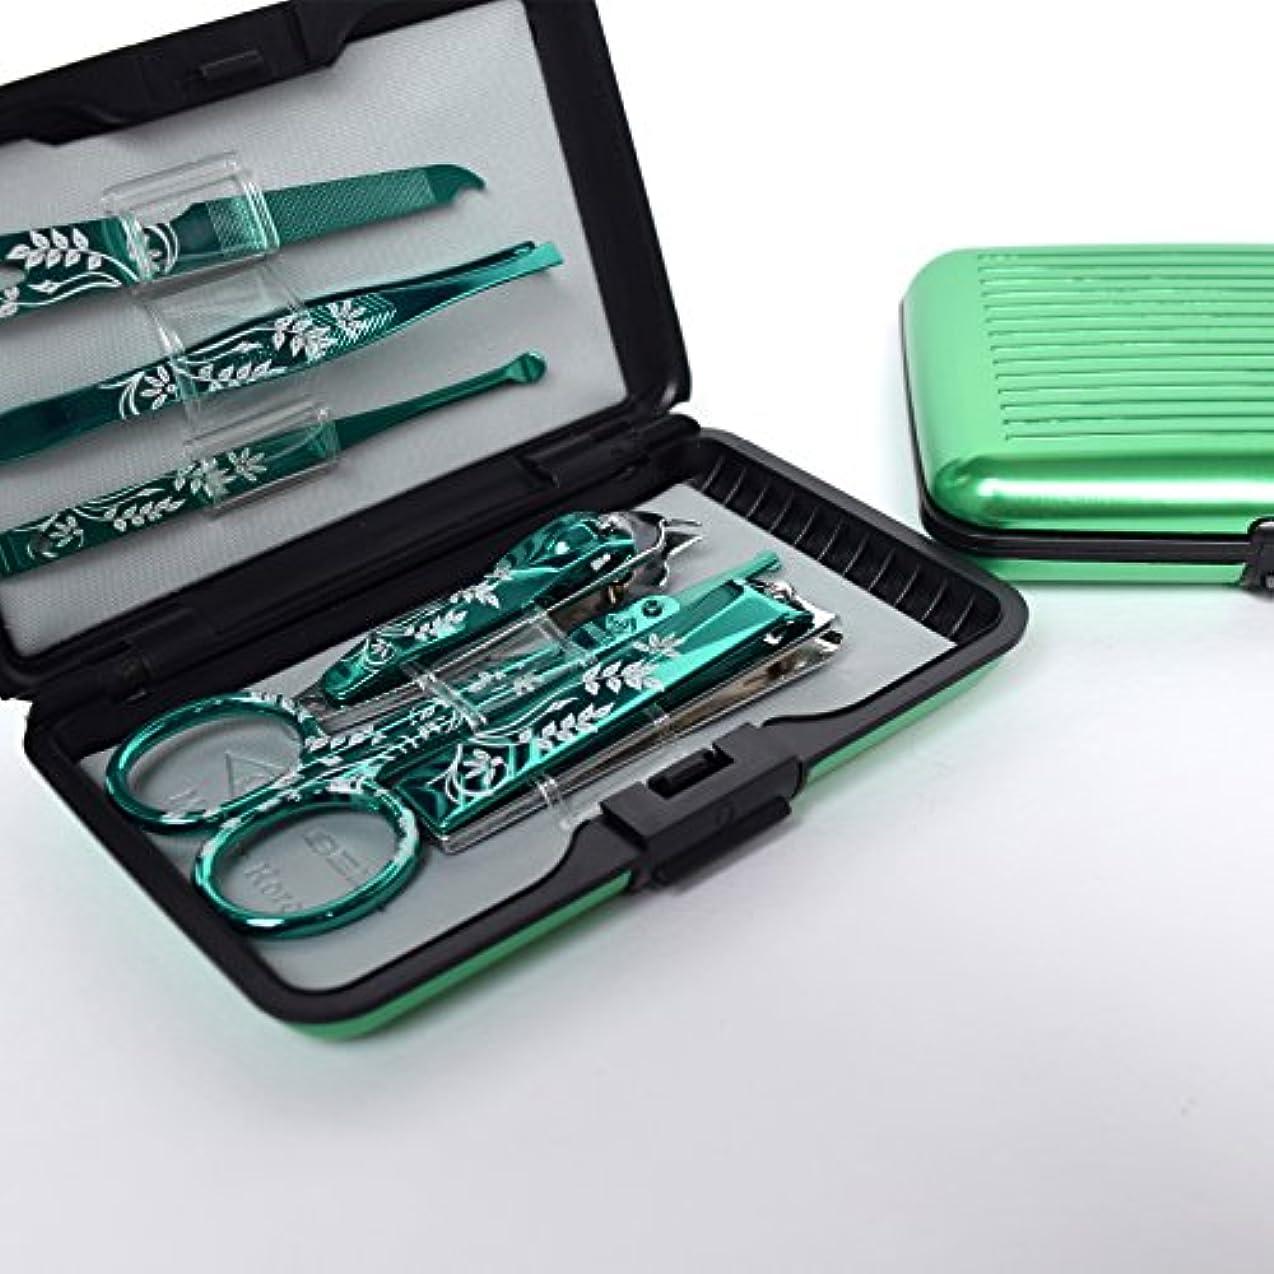 有益物理的にオーケストラBELL Manicure Sets BM-800A ポータブル爪の管理セット 爪切りセット 高品質のネイルケアセット花モチーフのイラストデザイン Portable Nail Clippers Nail Care Set